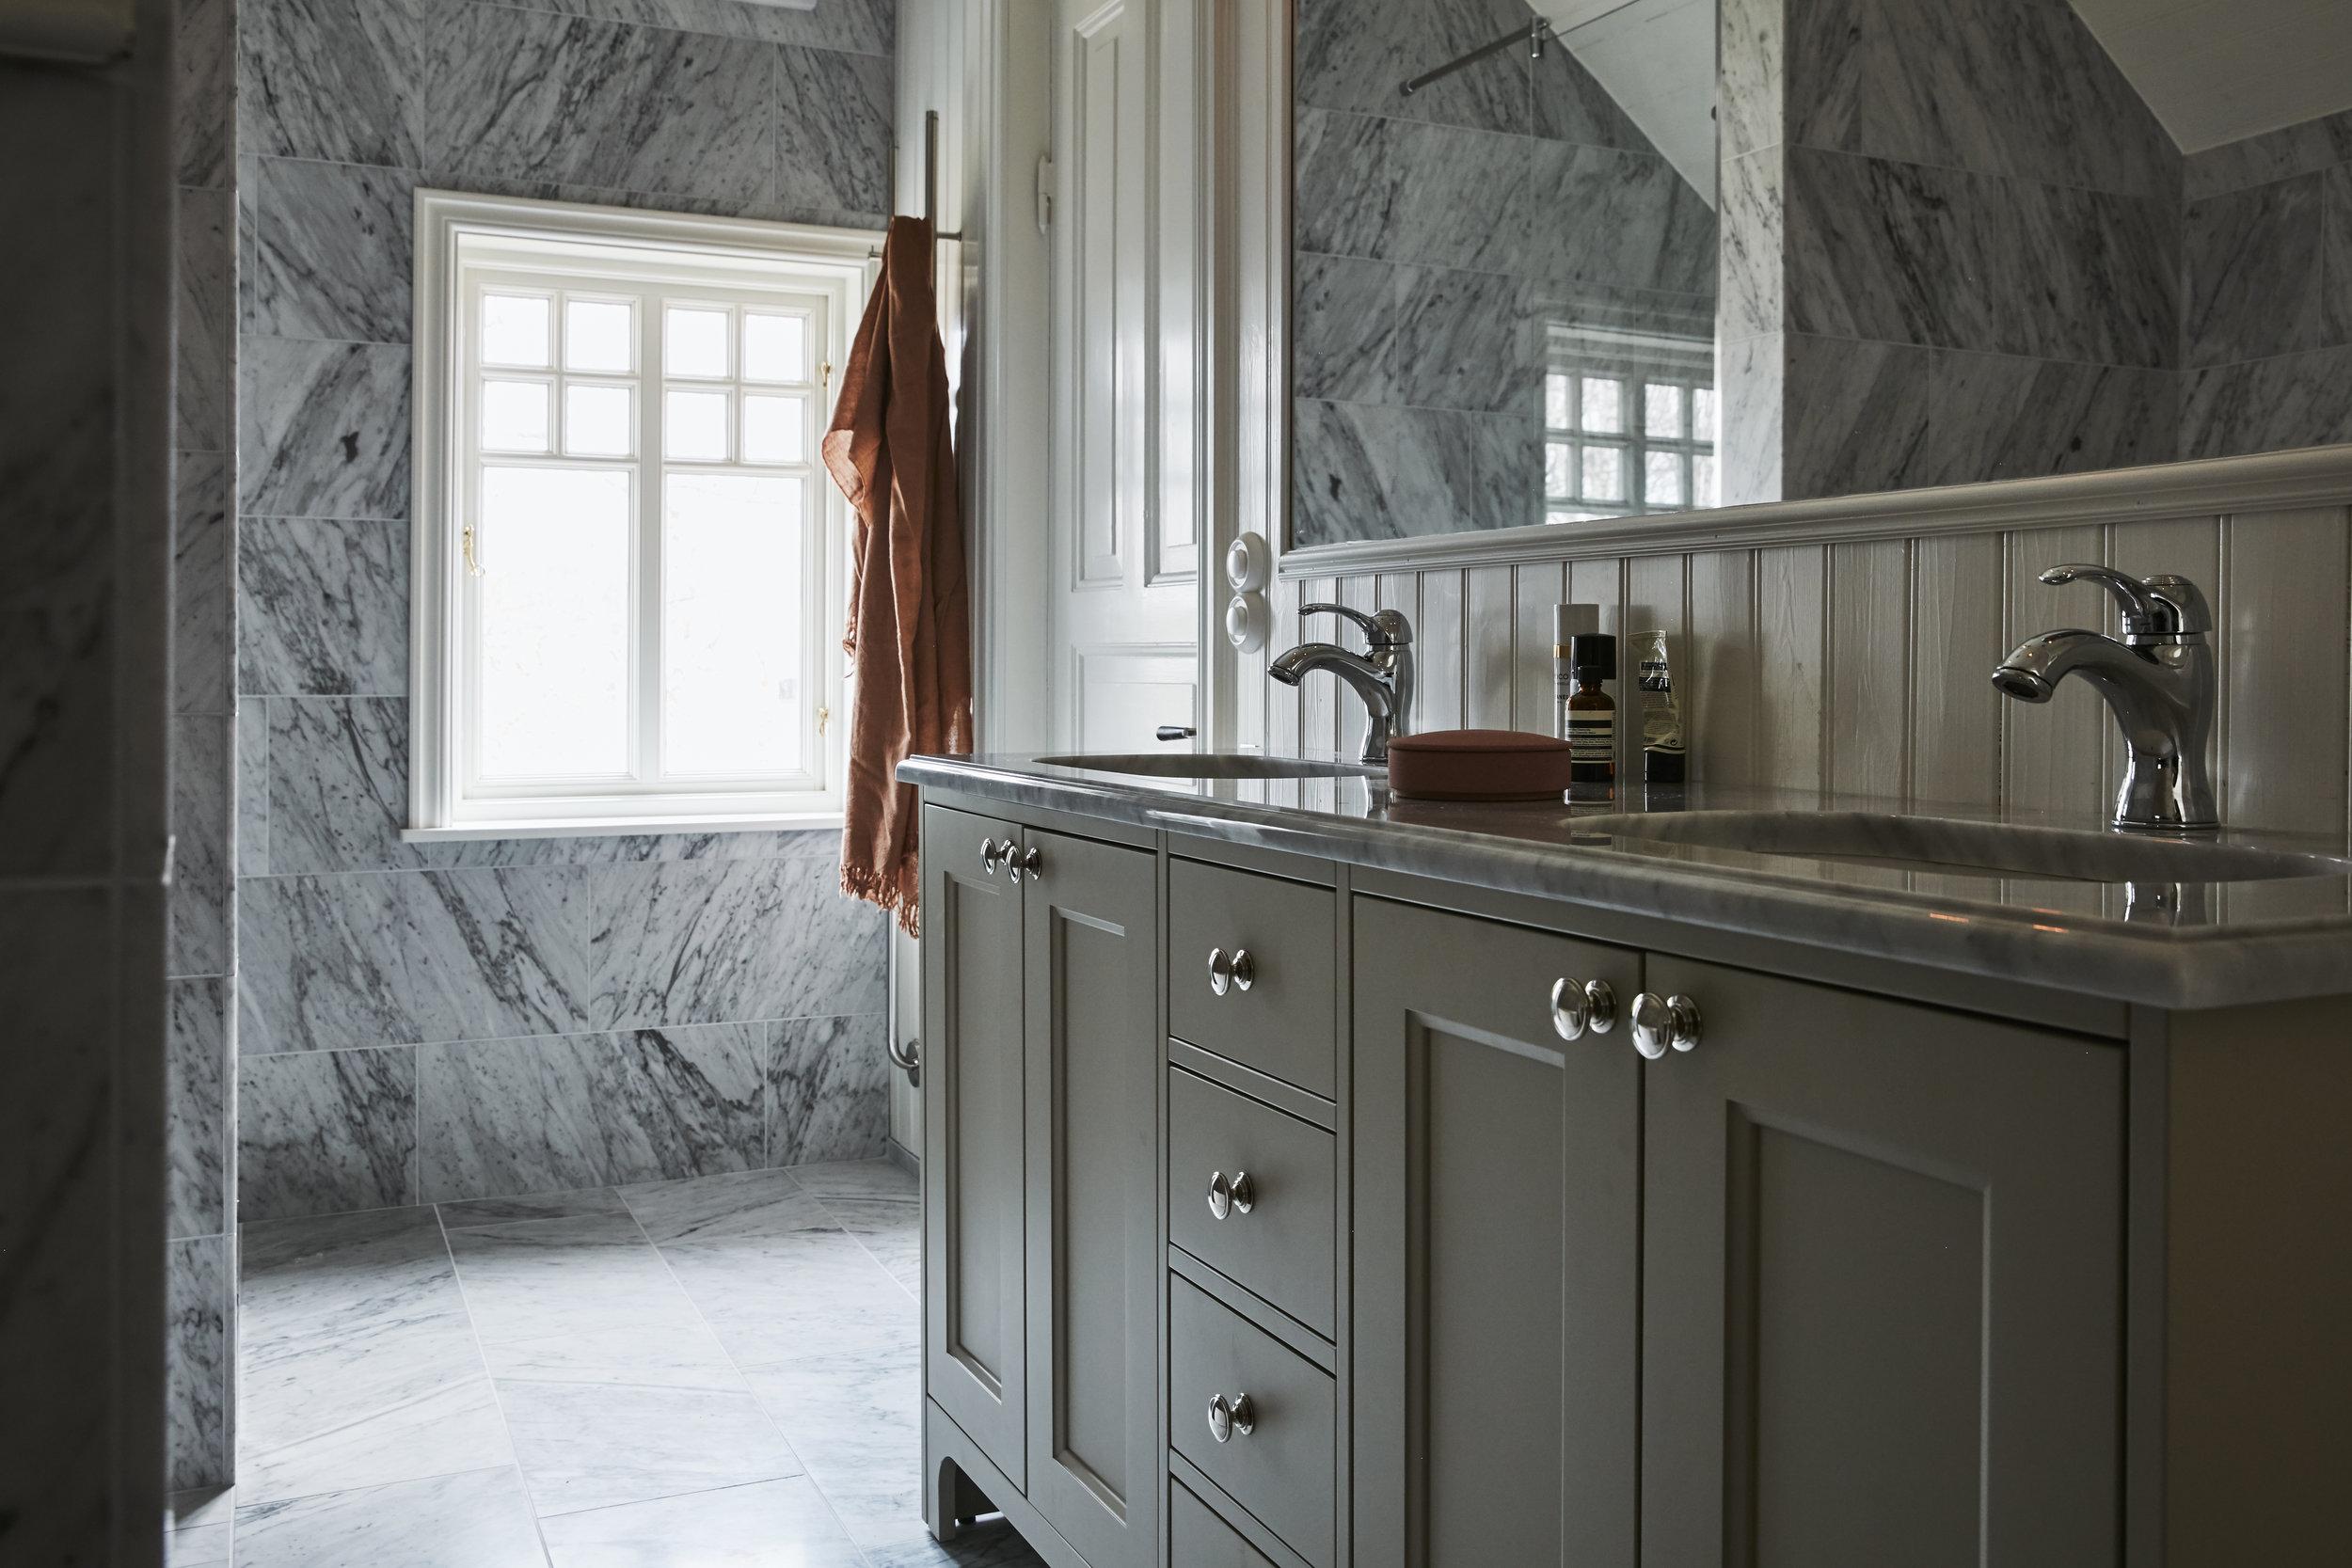 kitchen-and-beyond_badrum_03.jpg